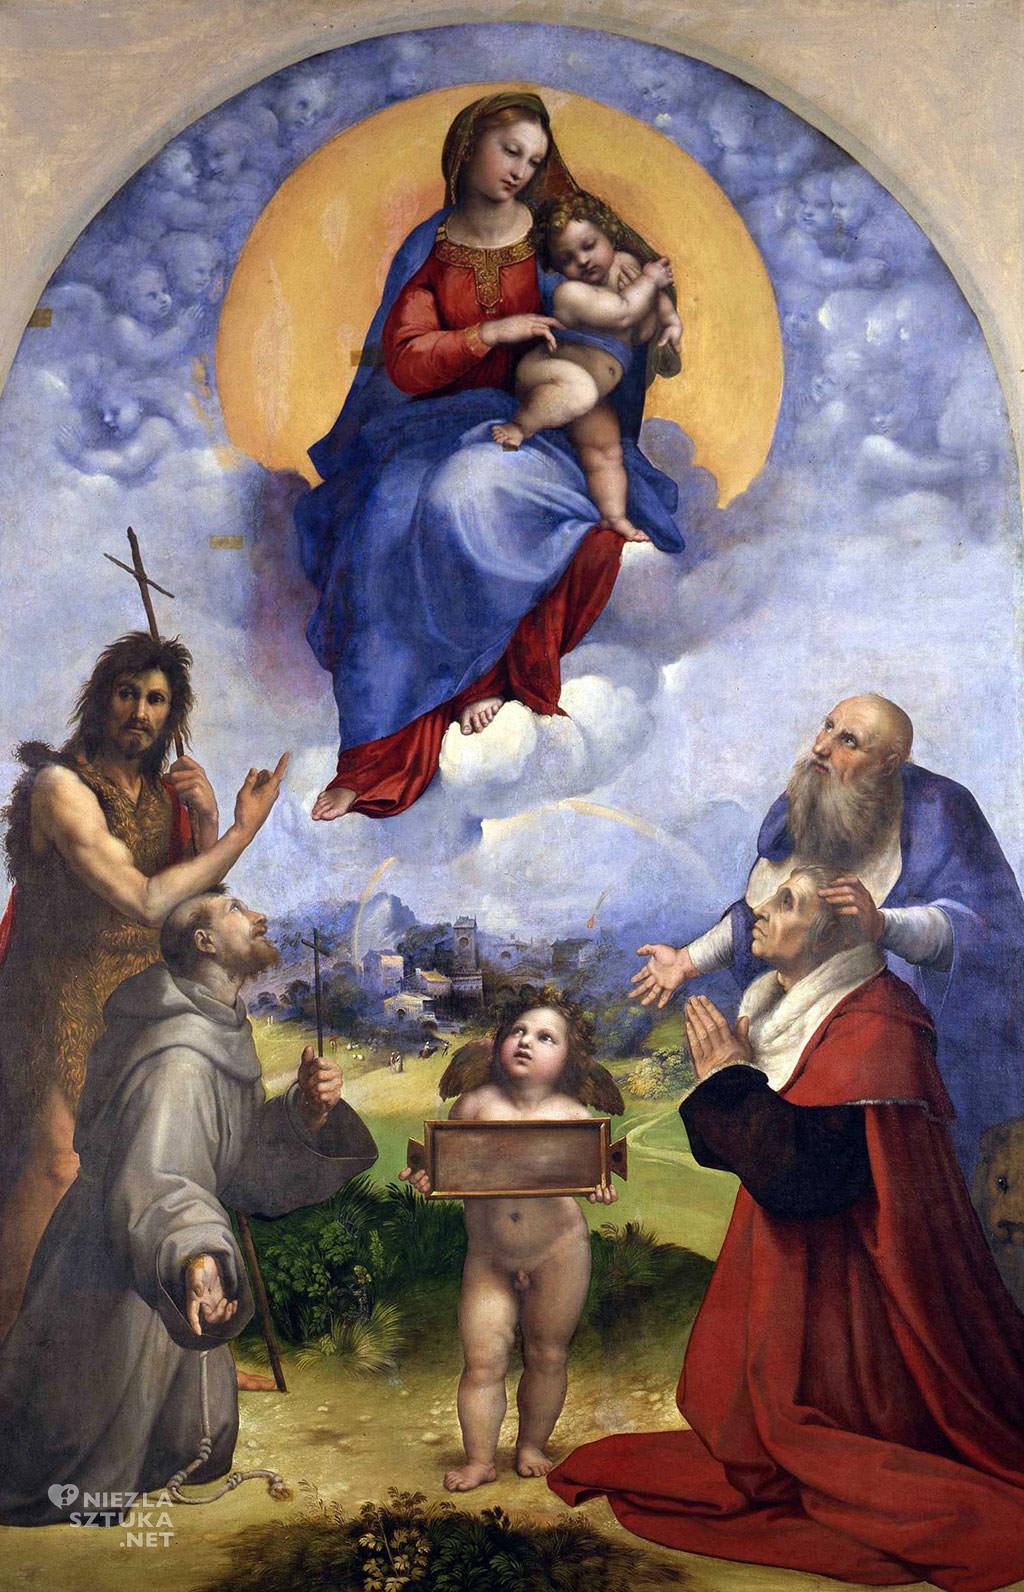 Rafael Santi, Madonna di Foligno, Watykan, sztuka włoska, malarstwo włoskie, Niezła sztuka